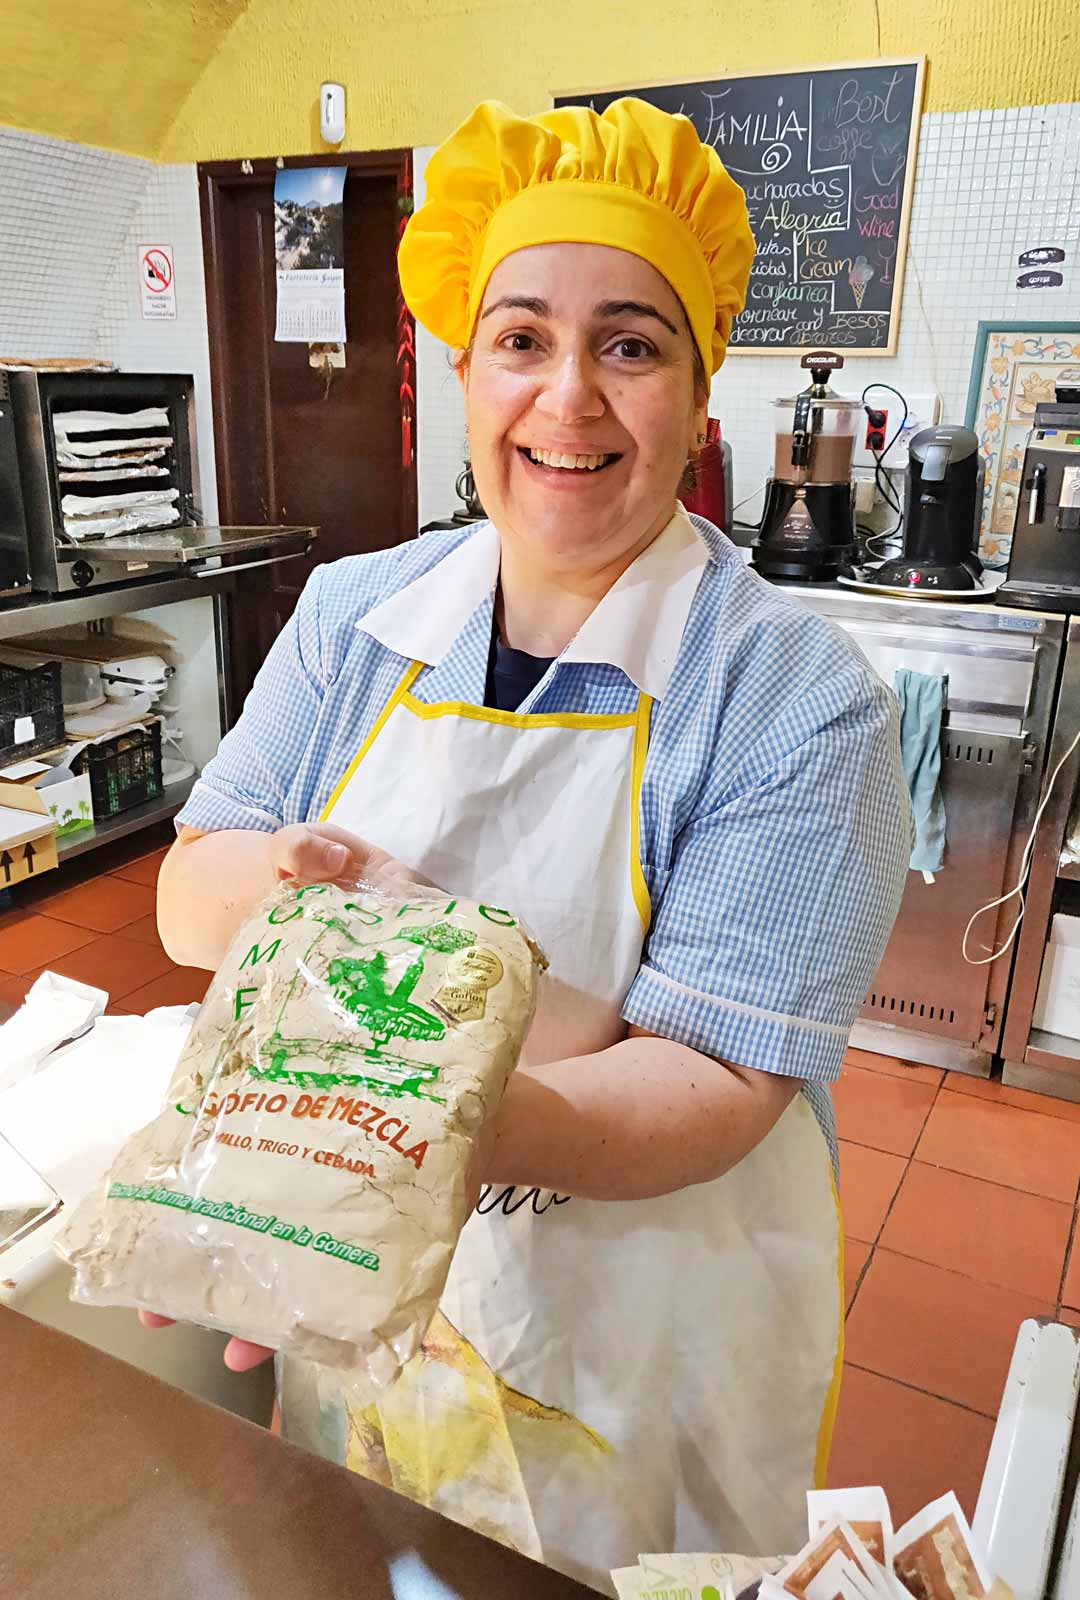 Irina Idelina aloitti leipomisen 8-vuotiaana. Nyt hän pyörittää kahviota Garajonayn kansallispuistossa.